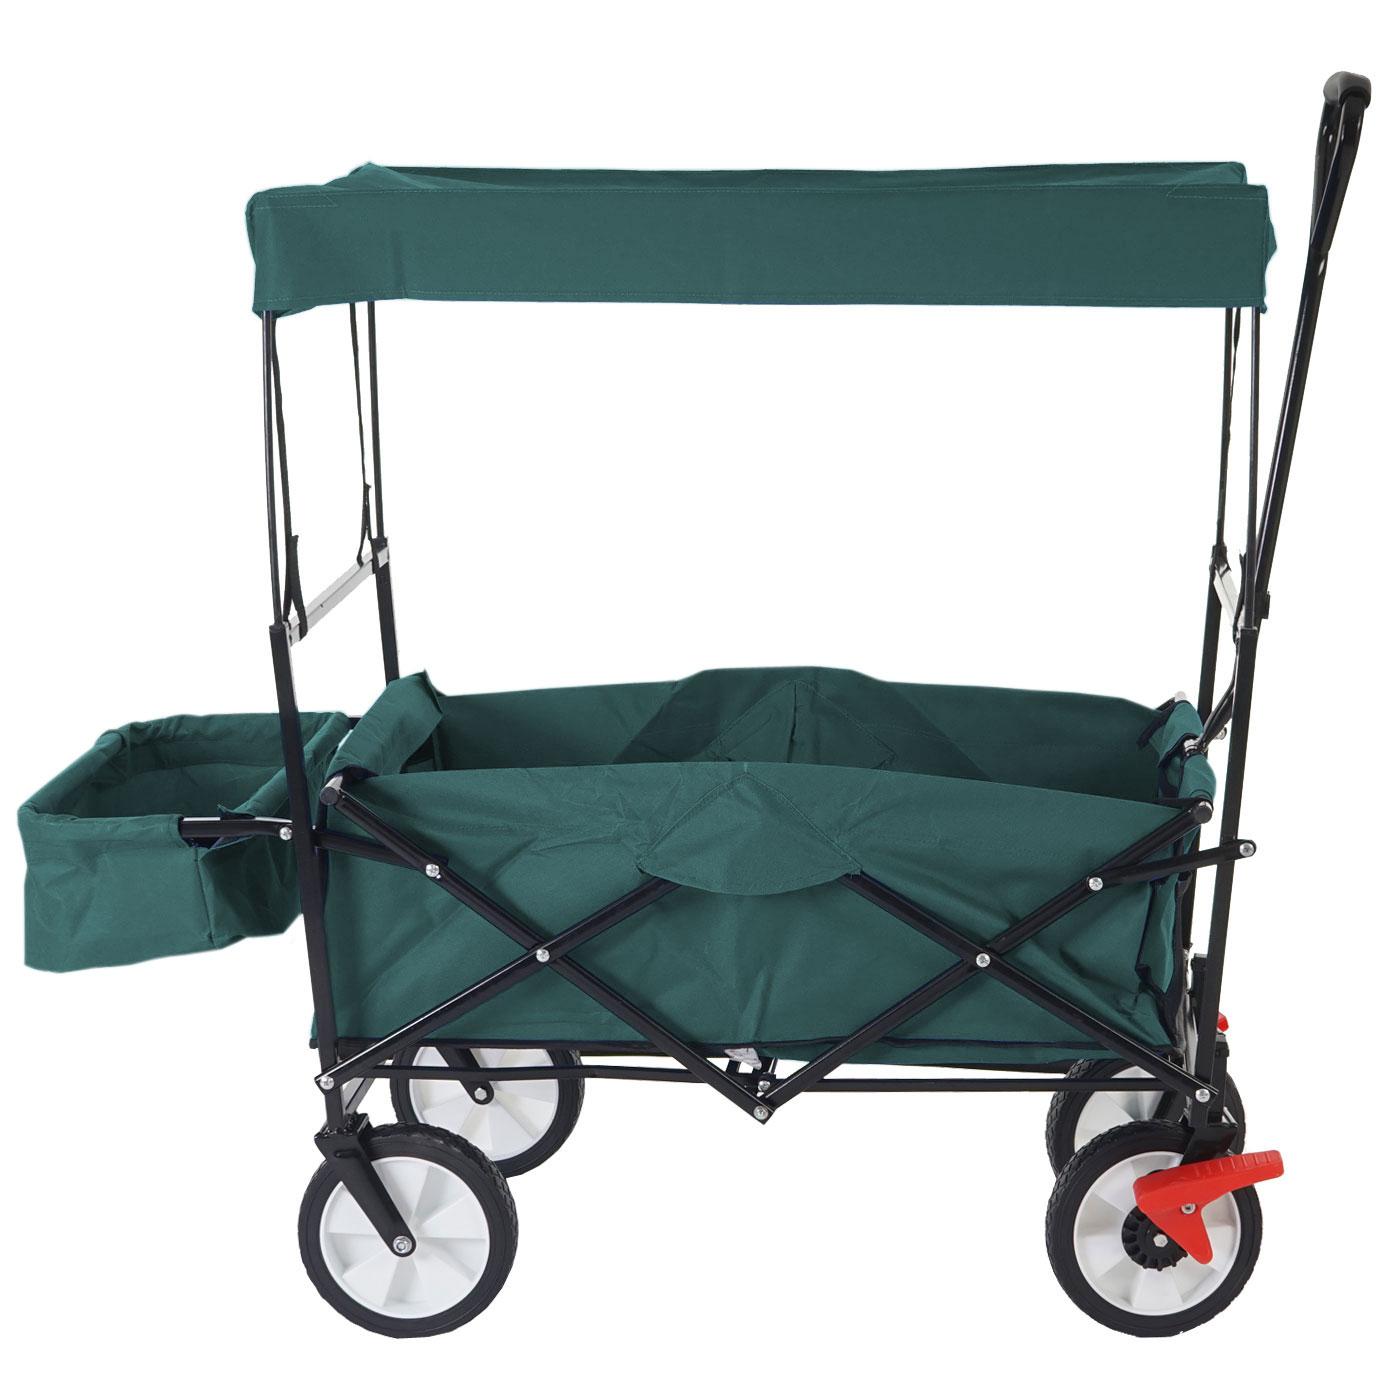 chariot pliable pour enfants morley charette avec porte. Black Bedroom Furniture Sets. Home Design Ideas